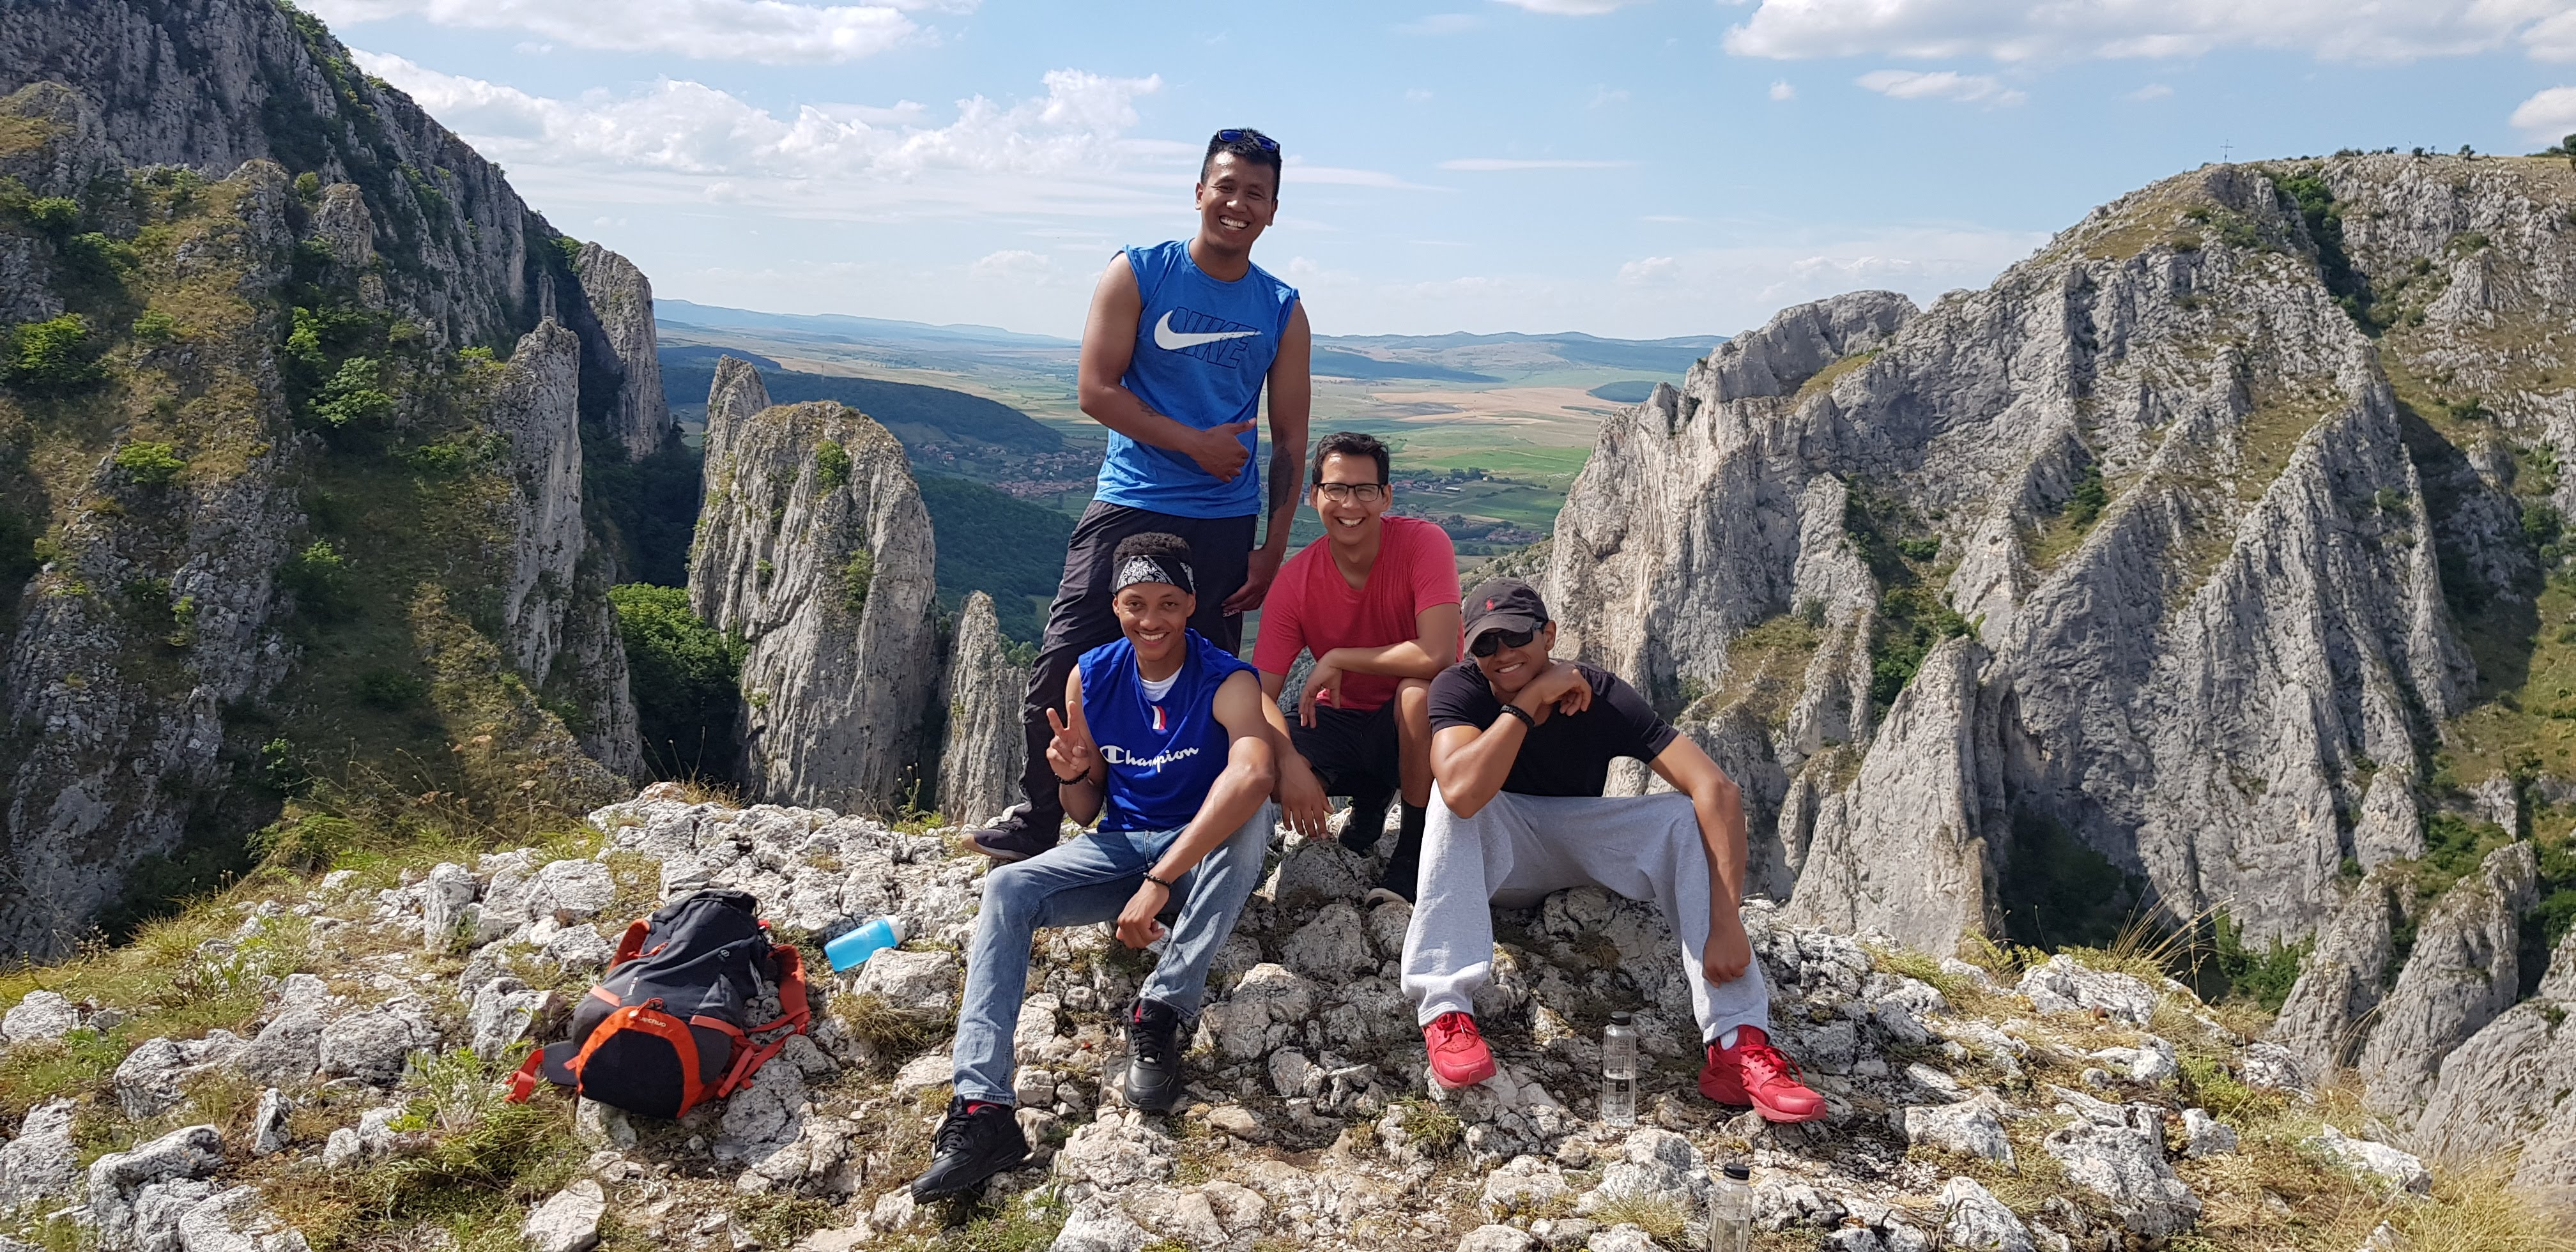 Turda Salt Mine, Turzii Gorge and Rimetea Village 2